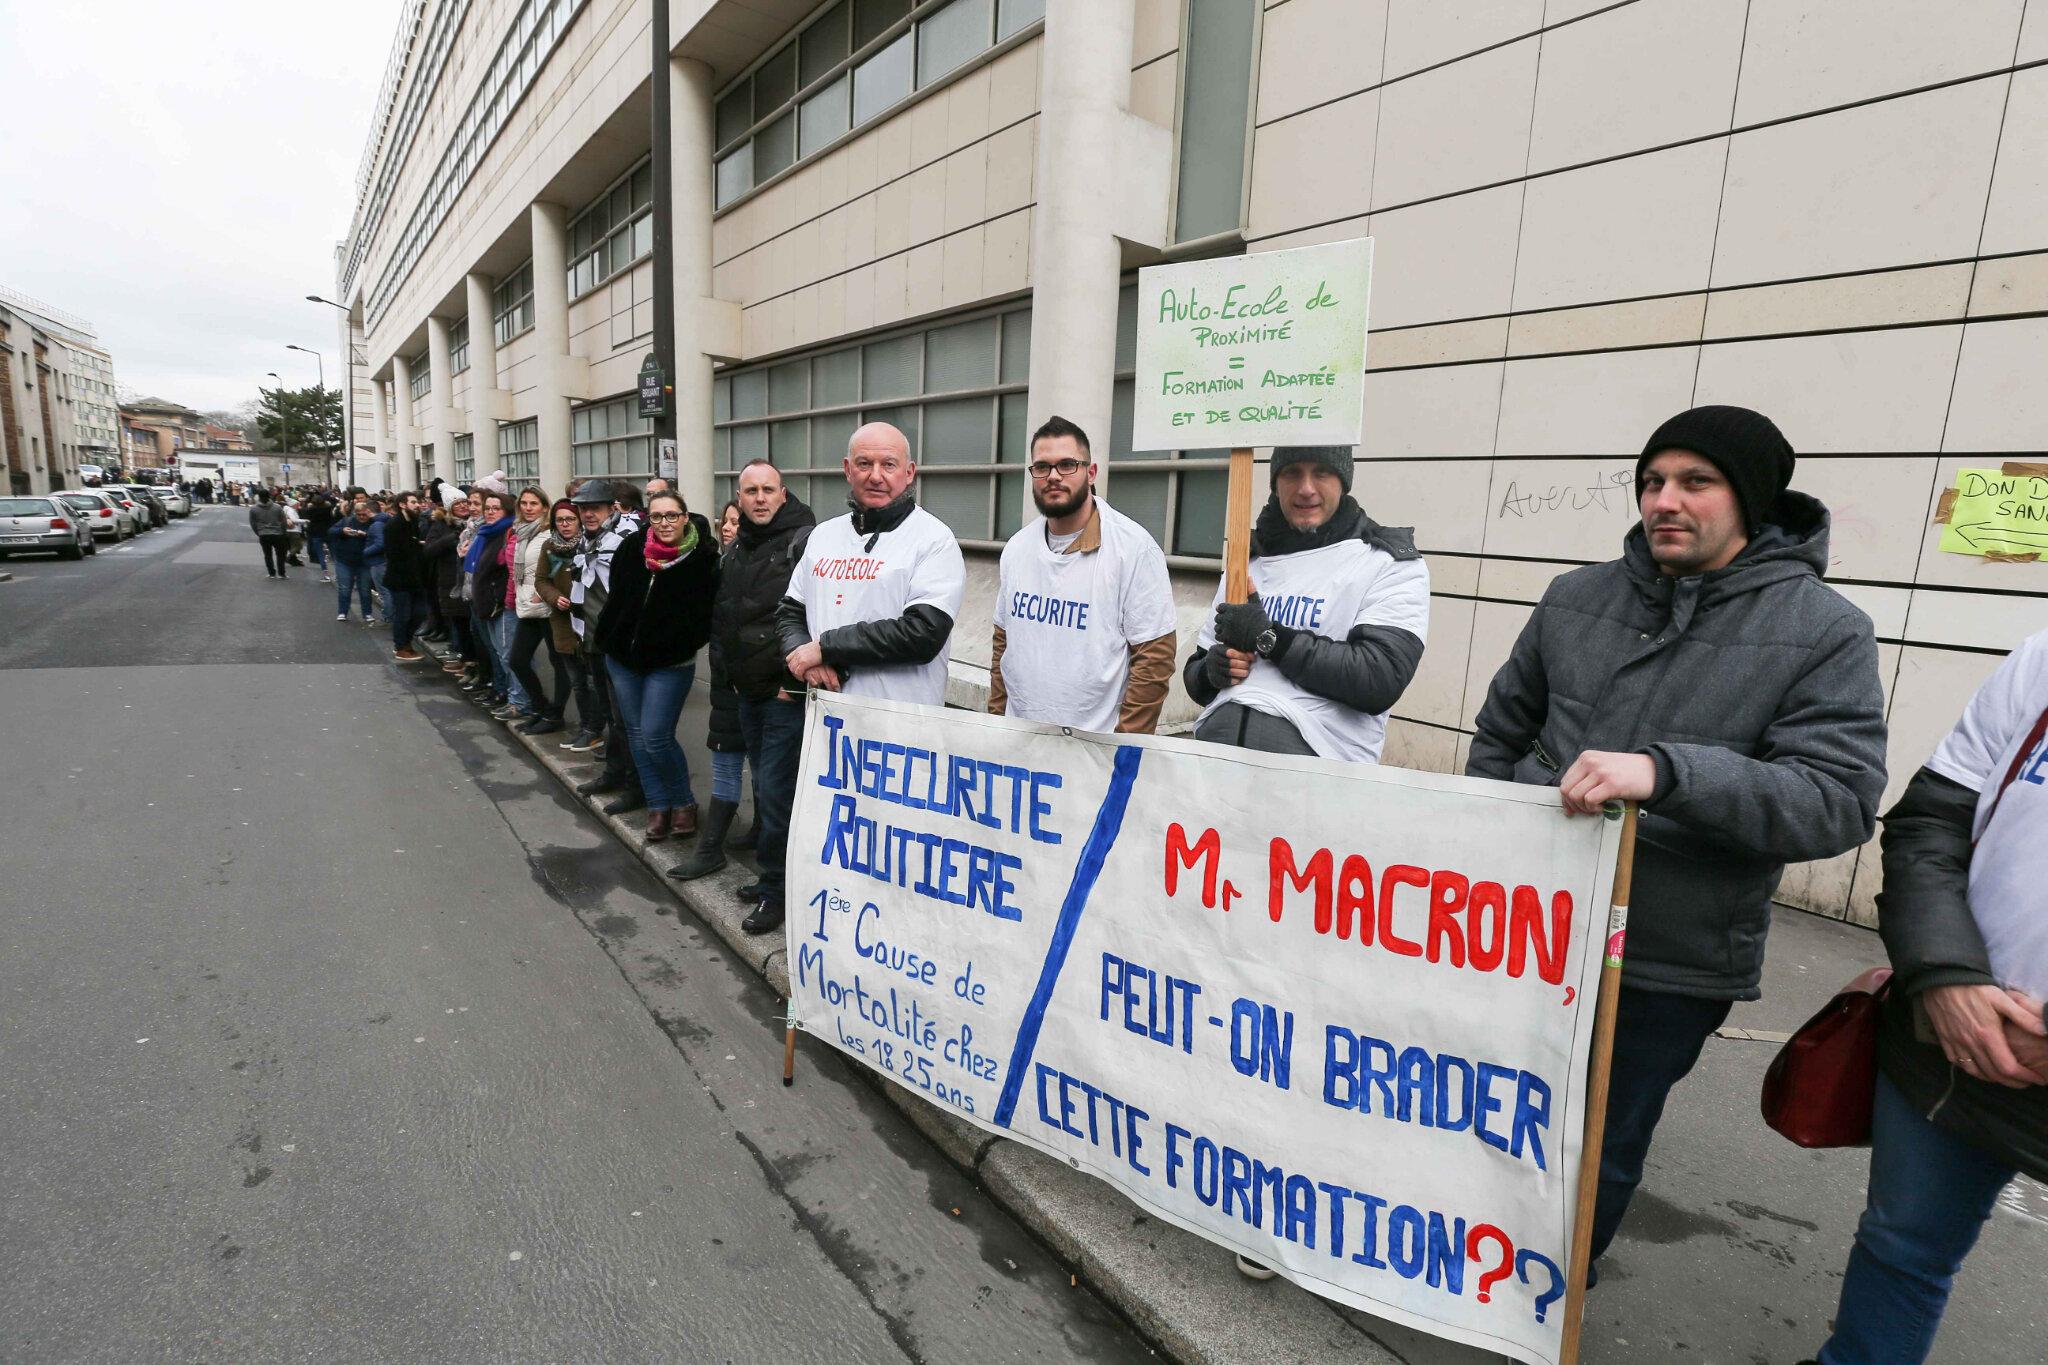 Les auto-écoles contre l'« ubérisation » de leur profession. © Michel Stoupak. Lun 11.02.2019, 11h46m48.